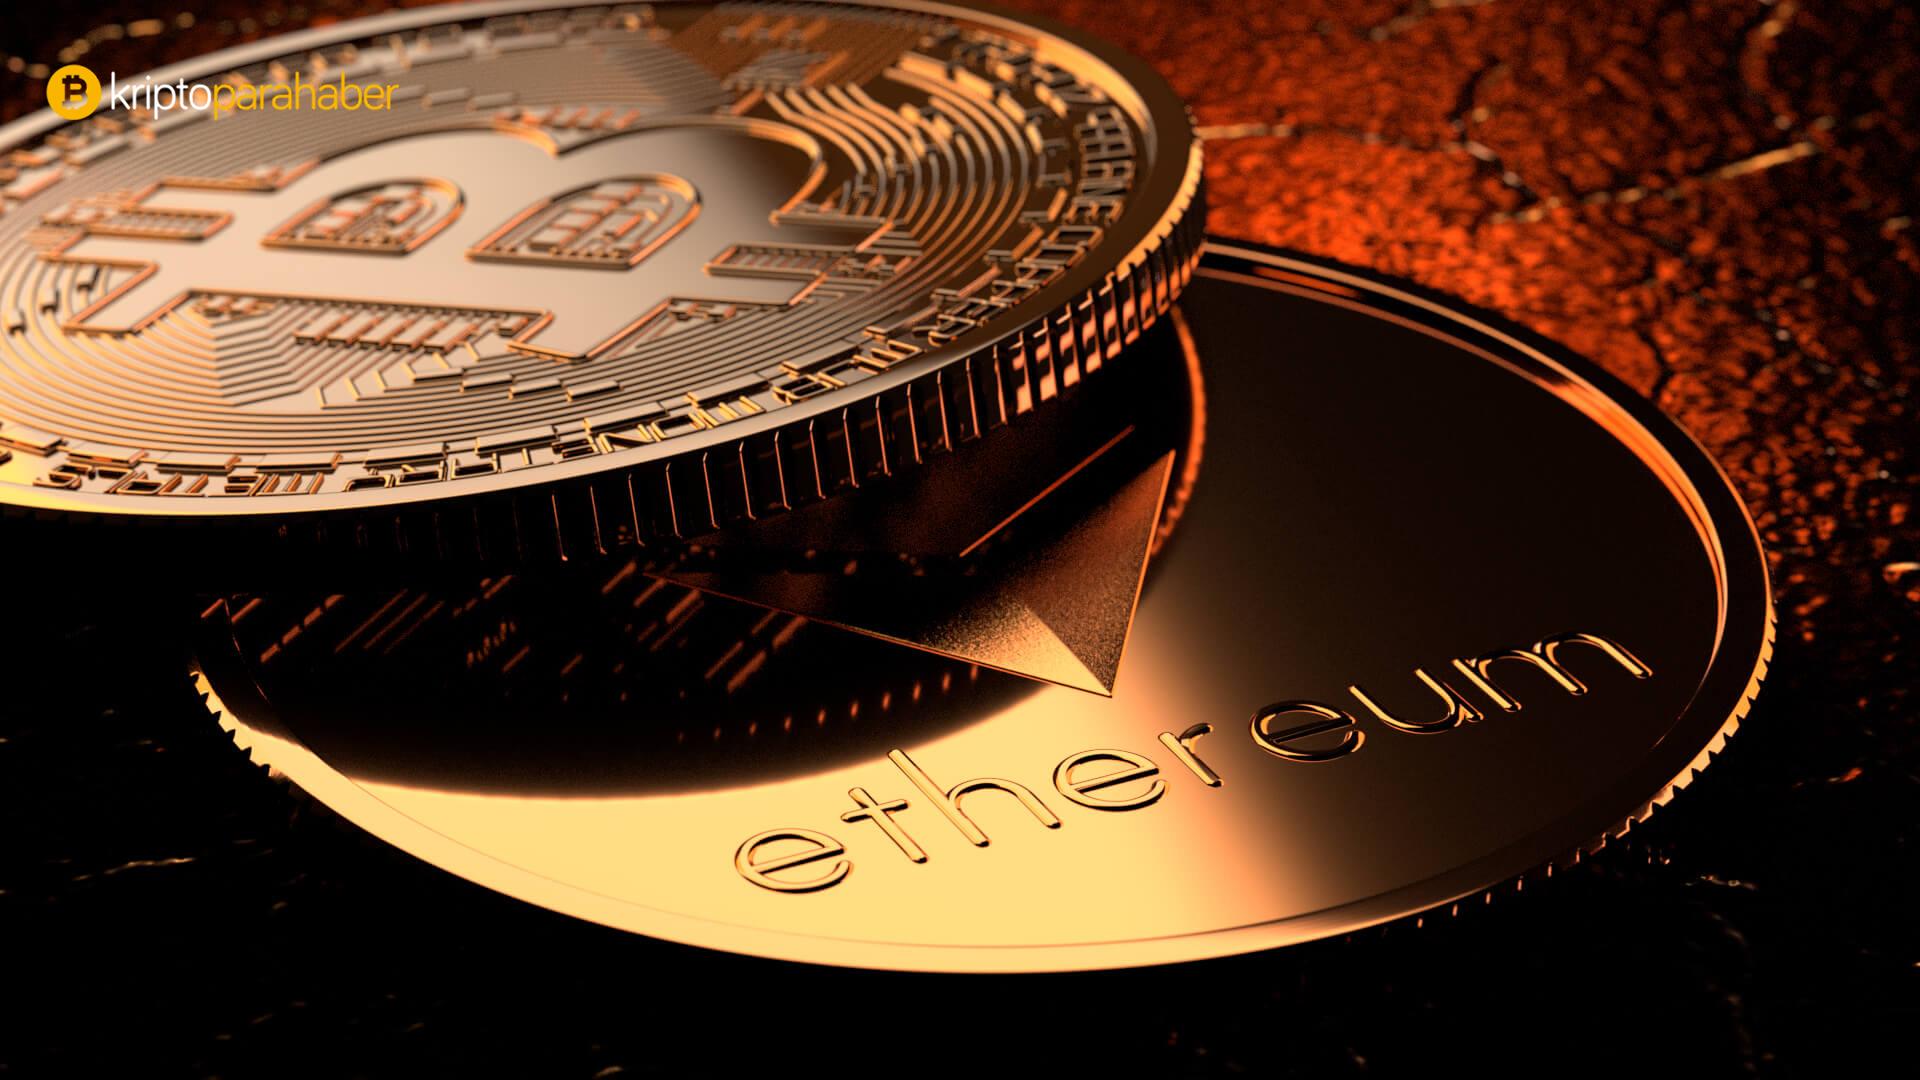 En iyi kripto para yatırım stratejisi hangisi? Usta analist açıkladı